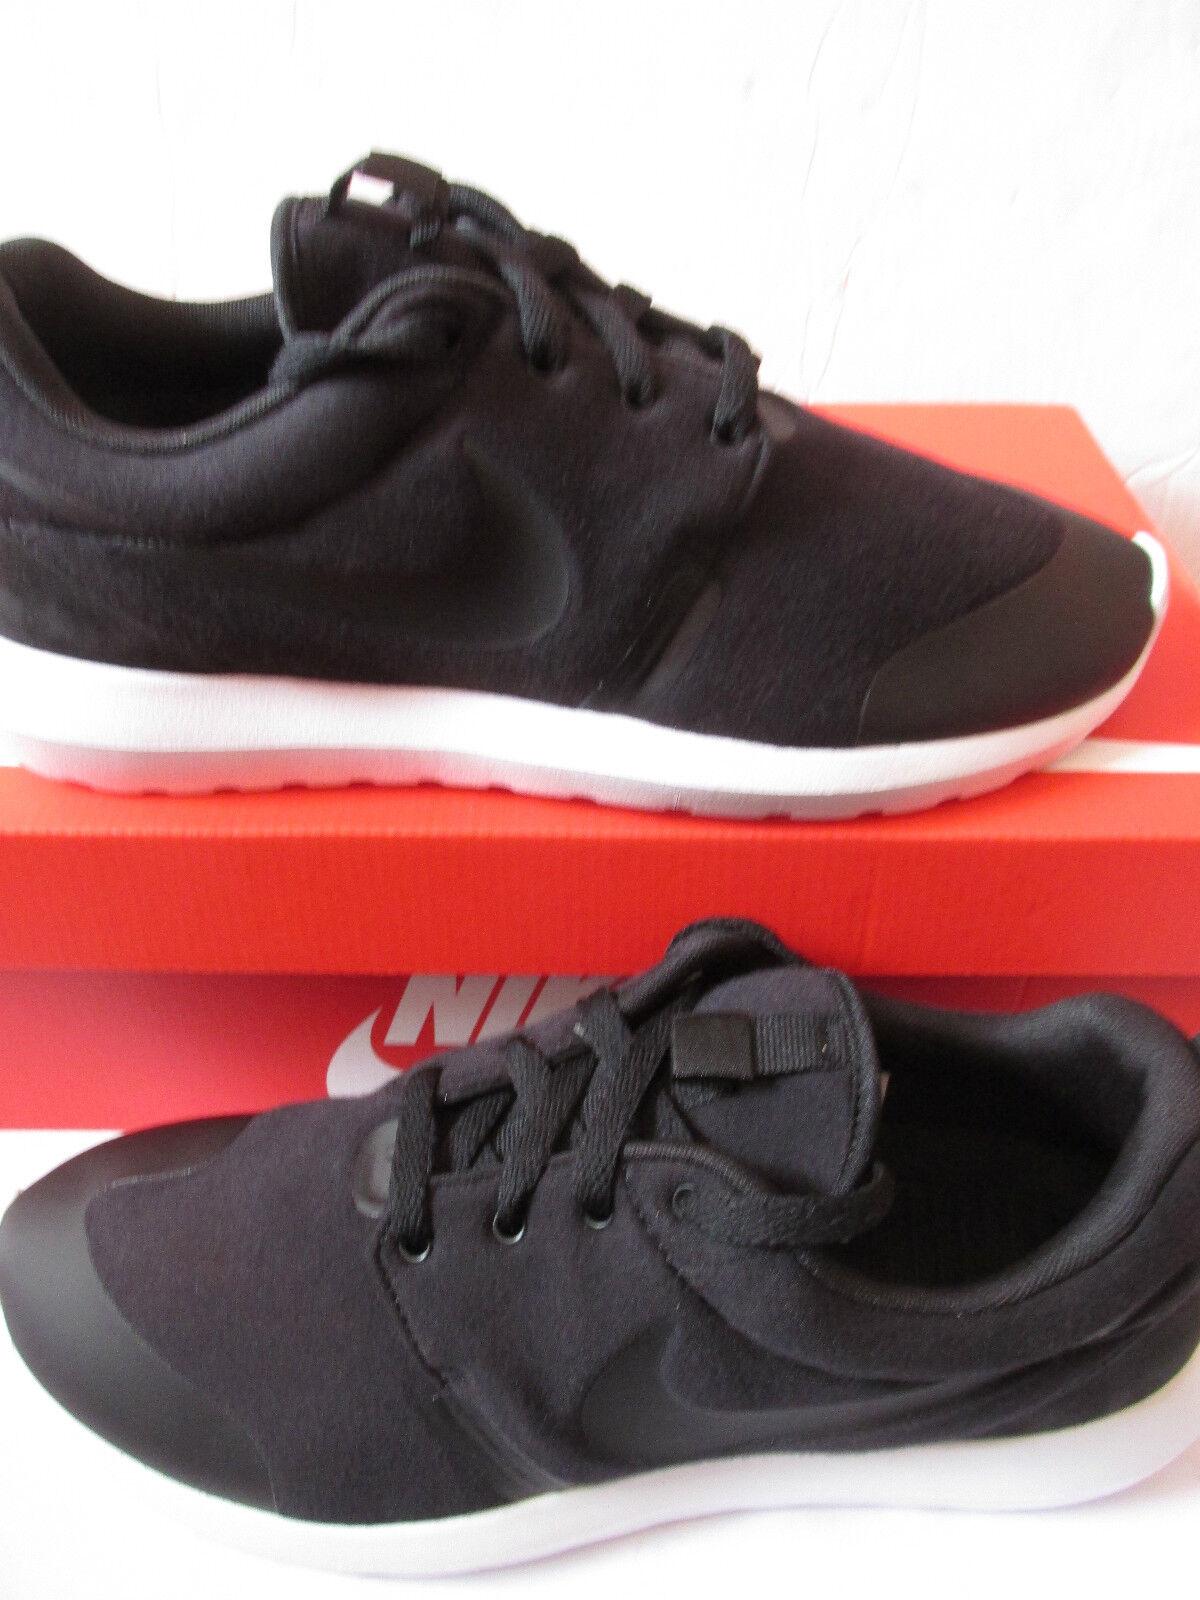 Nike ROSHE casi como nuevo Tp para Zapatillas para Tp hombre Zapatos  Tenis 749658 001 0a6f25